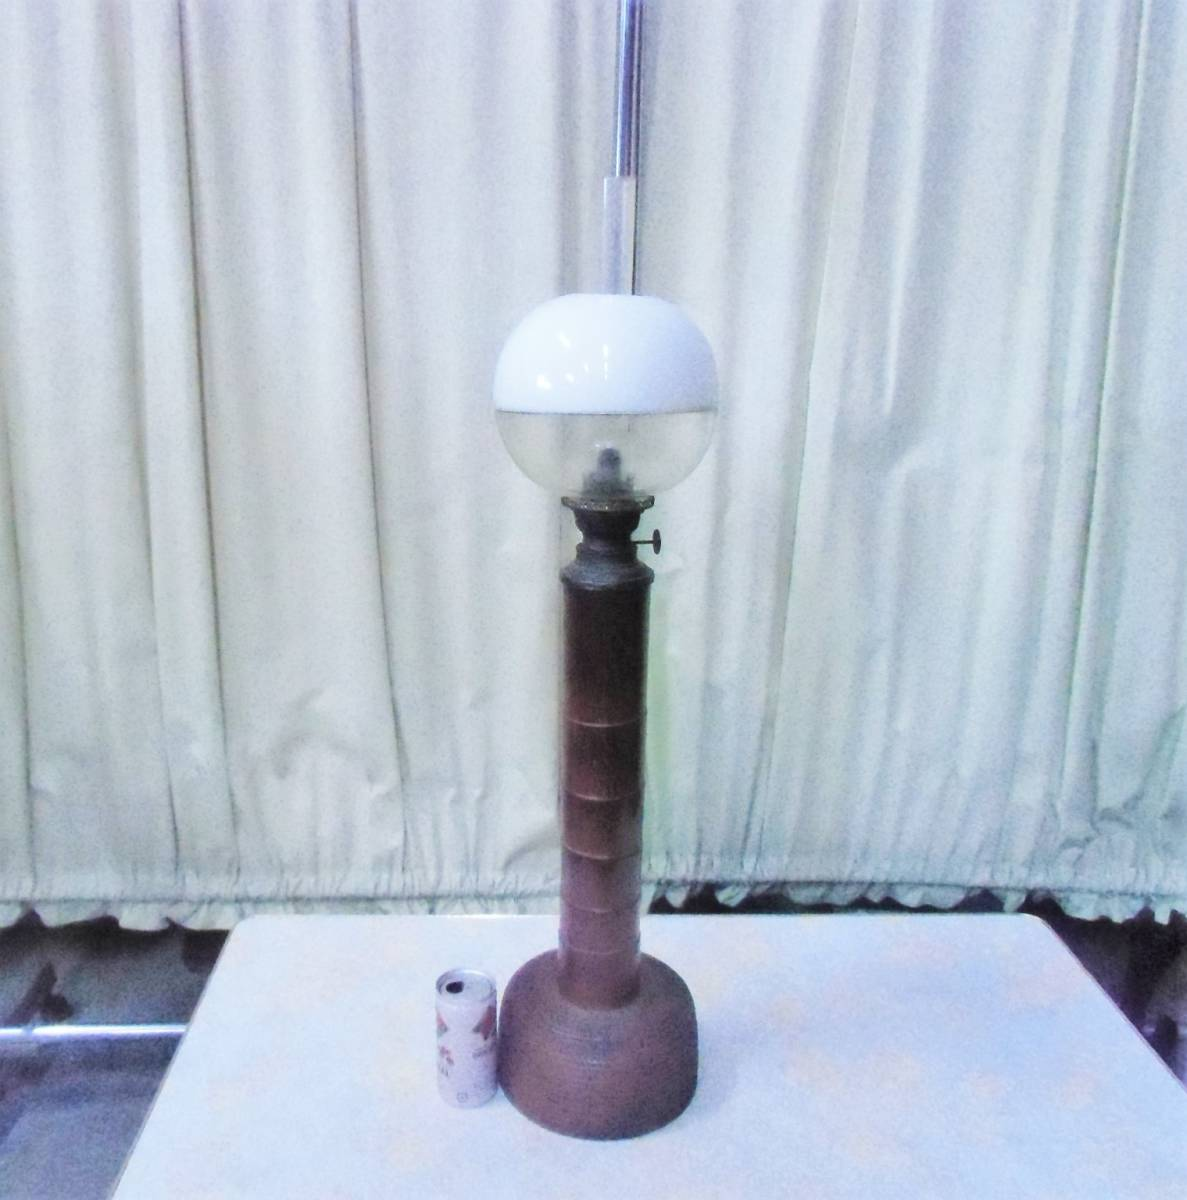 ▲モ-685 アルコールランプ 明治時代 中古 照明器 オイルランプ アンティーク ※寸法は画像下参照_高さ76cm台座18×18cm重さ2.7kg